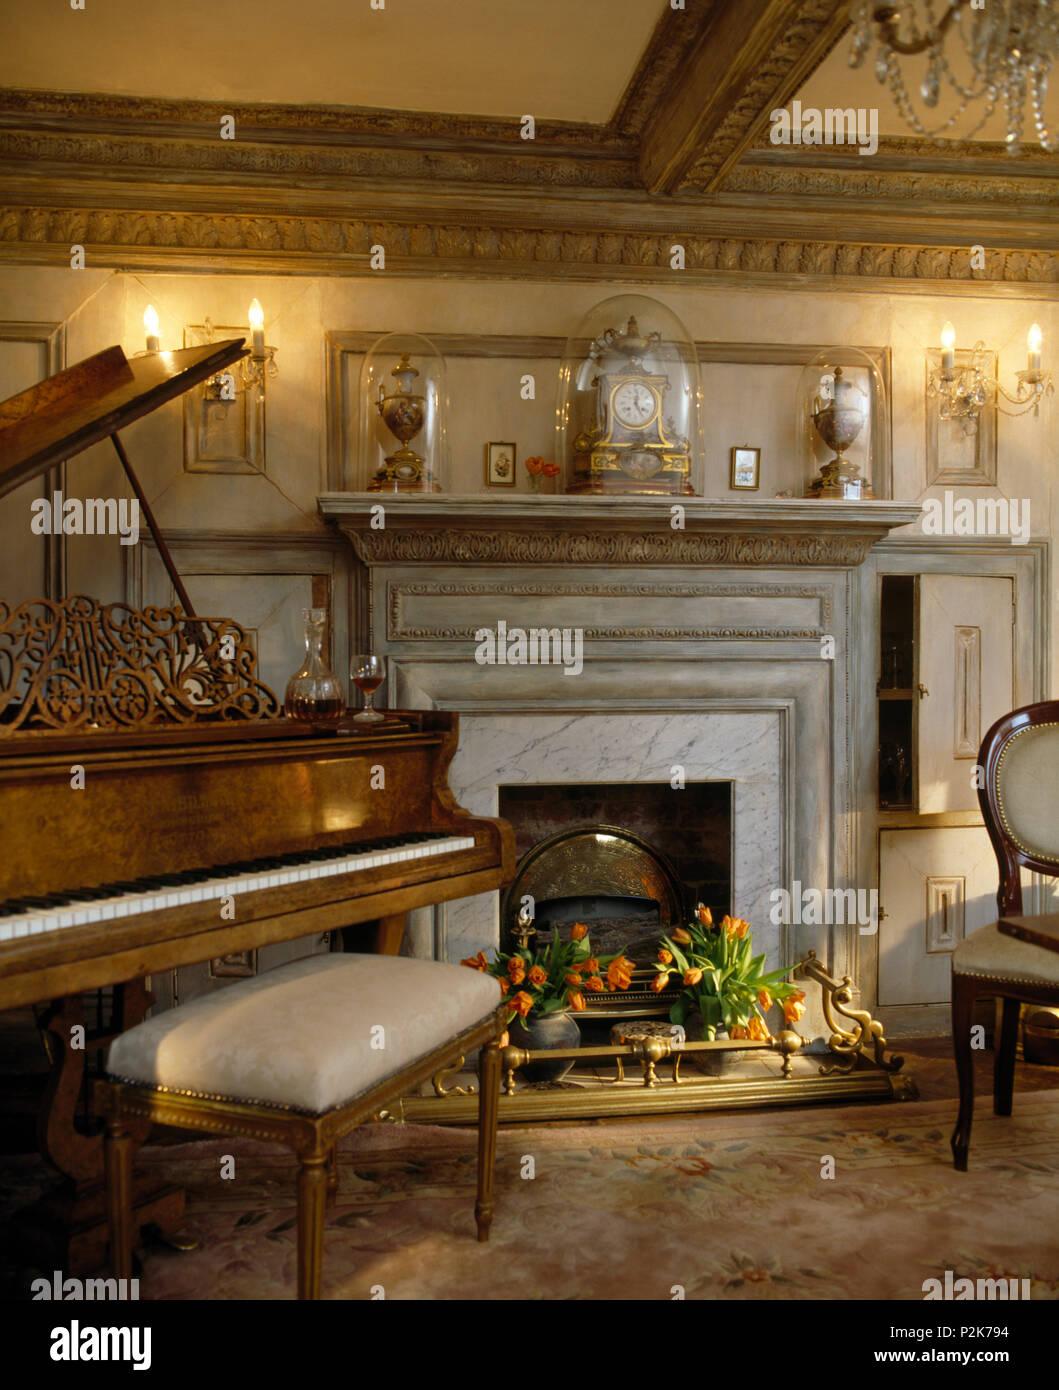 Sgabello Imbottito Al Pianoforte In Opulenta Sala Da Pranzo Illuminata Con Luci A Parete Su Entrambi I Lati Del Camino Foto Stock Alamy